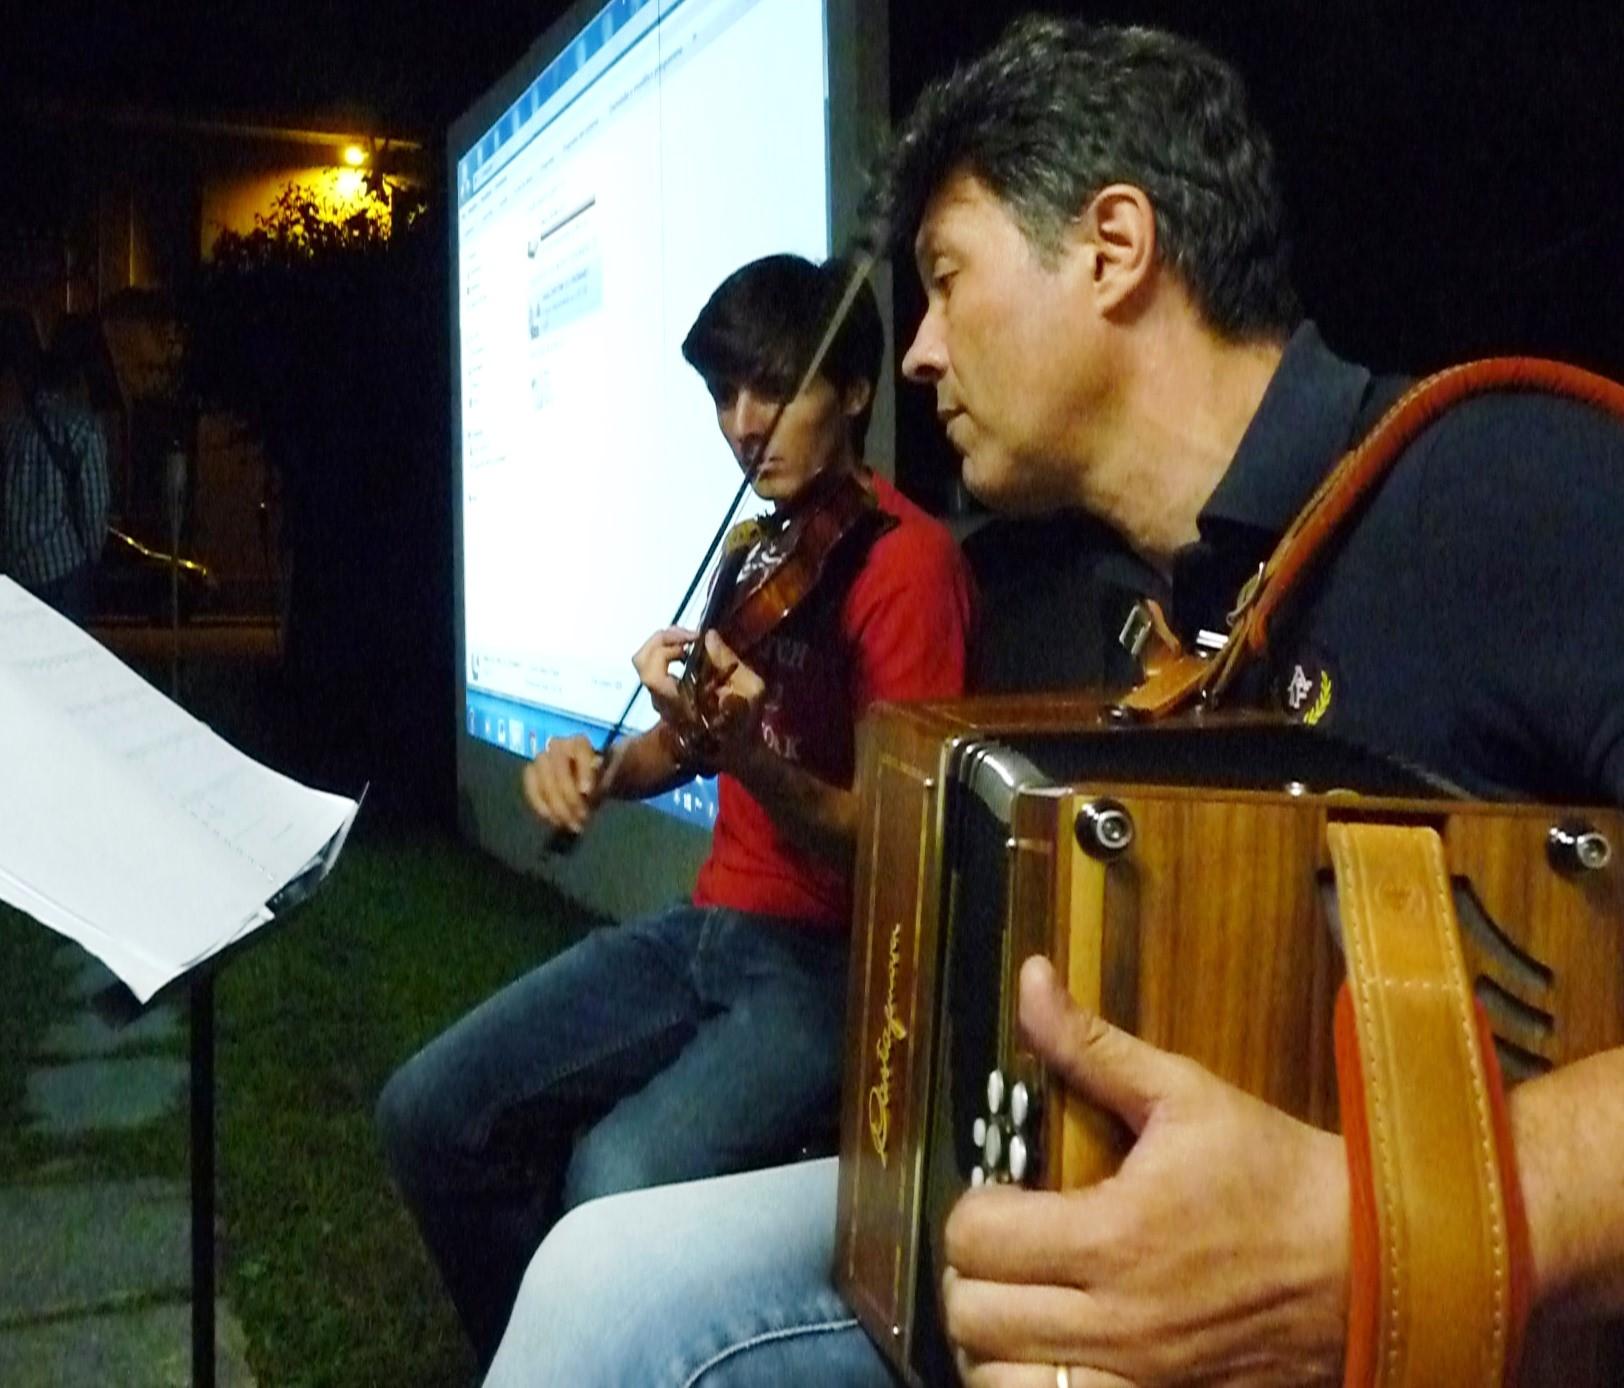 Il 30 agosto a Roure una giornata dedicata alle fisarmoniche